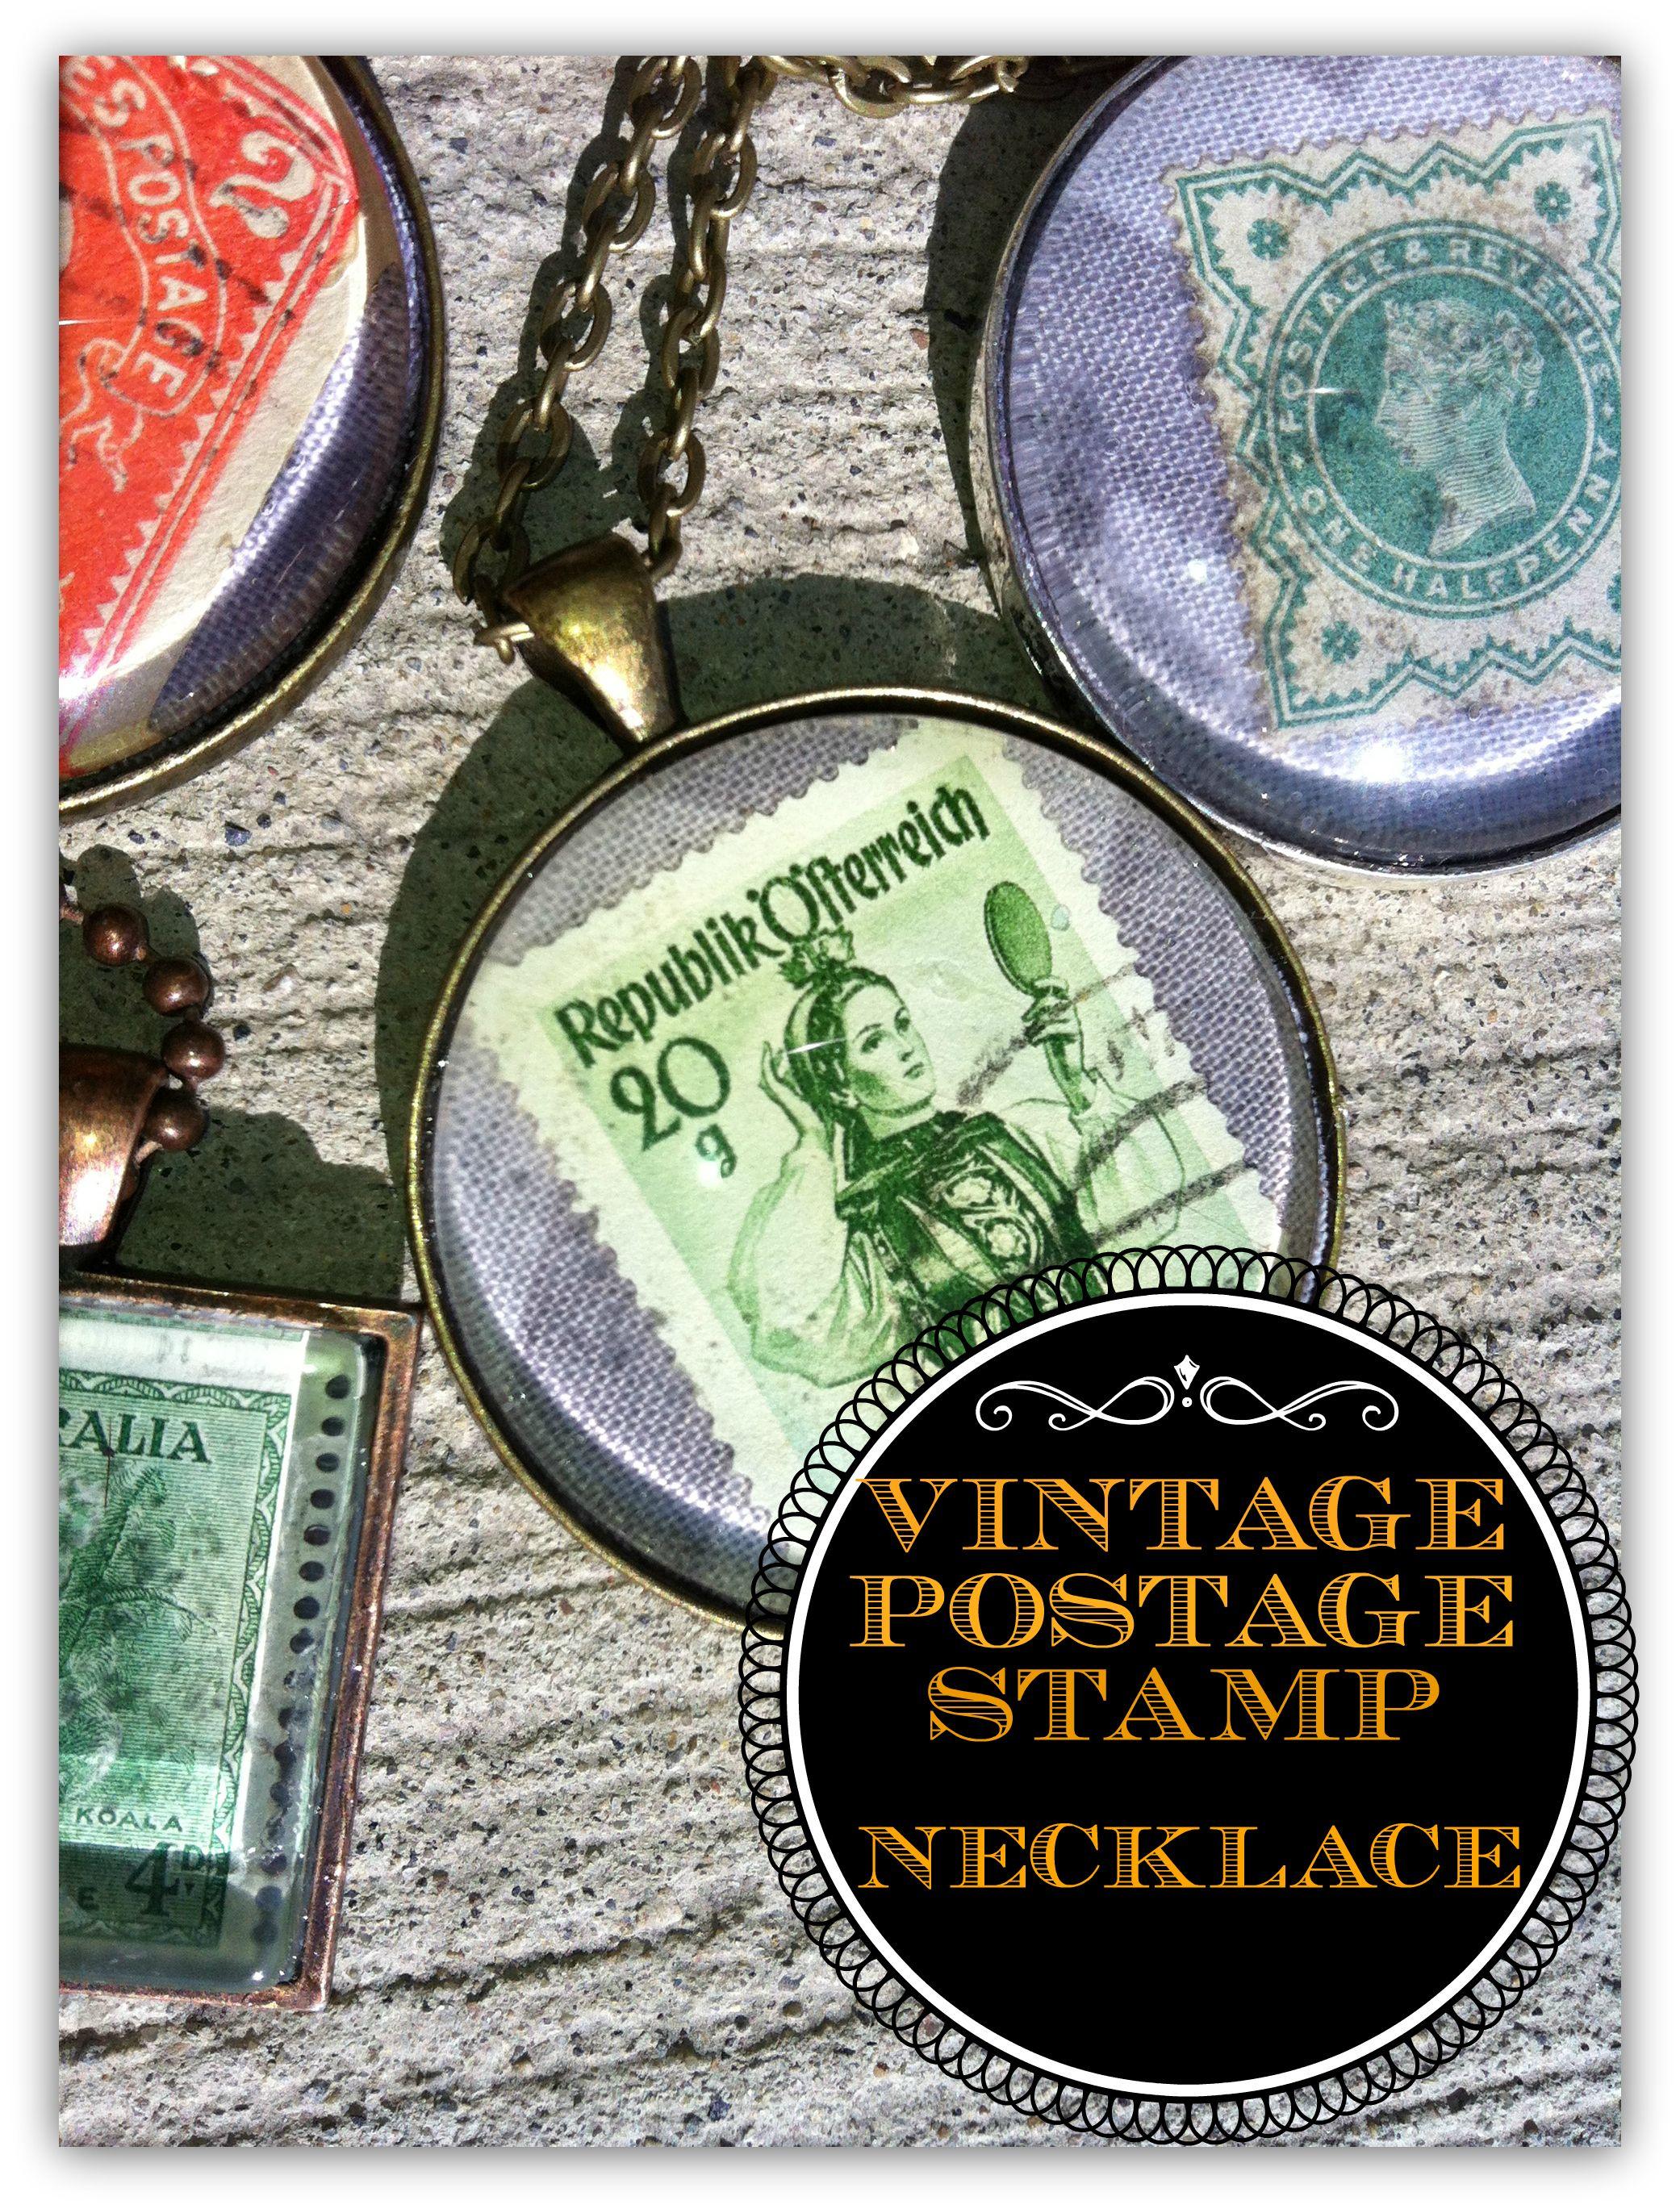 Vintage Postage Stamp Necklace Tutorial | Resin/Molds DIY | Postage